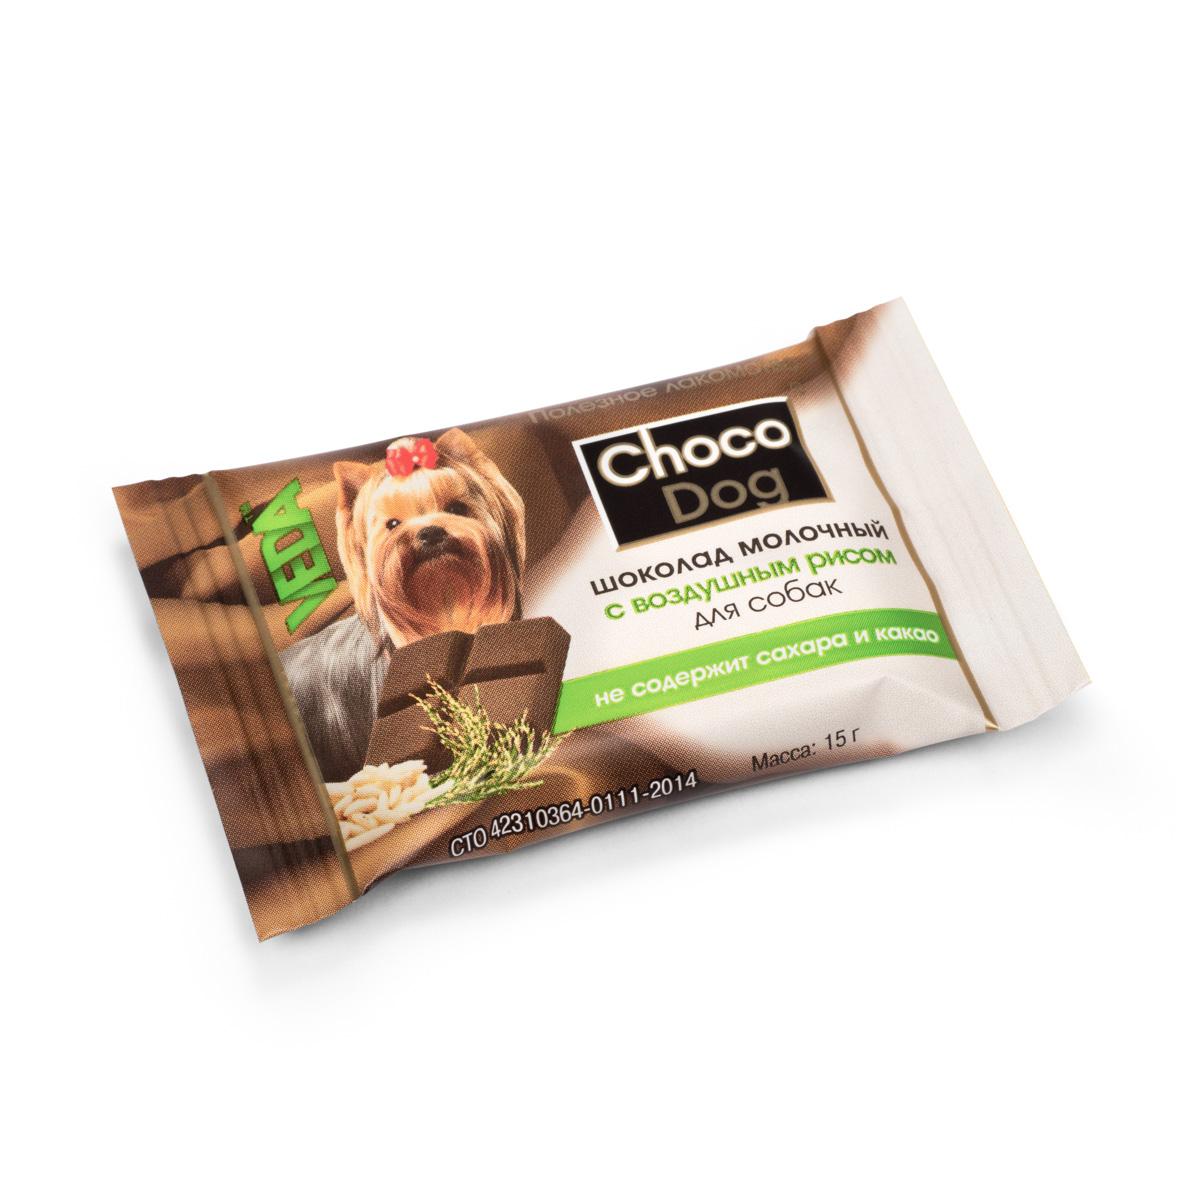 Лакомство для собак VEDA Choco Dog, молочный шоколад с воздушным рисом, 15 г0120710Лакомство для собак VEDA Choco Dog представляет собой дополнительный функциональный корм для непродуктивных животных в виде лакомства, предназначенный для использования в качестве лакомства с целью поощрения и дрессуры животных. Сладкое лакомство для собак, обогащённое полезным наполнителем.Рис, благодаря наличию витаминов группы В, витамина Е, ряда микроэлементов (калий, кальций, железо, цинк, магний), полезен для костей, сердца и сосудов. К тому же воздушный рис приятно похрустывает.Состав: заменитель масла какао, лактоза, сухая молочная сыворотка, порошок плодов рожкового дерева, рис воздушный, пивные дрожжи, лецитин, стевиозид, пищевой ароматизатор. Пищевая ценность в 100 г: белки 3,0 г, жиры 40 г, углеводы 55 г.Энергетическая ценность в 100 г: 570 ккал.Товар сертифицирован.